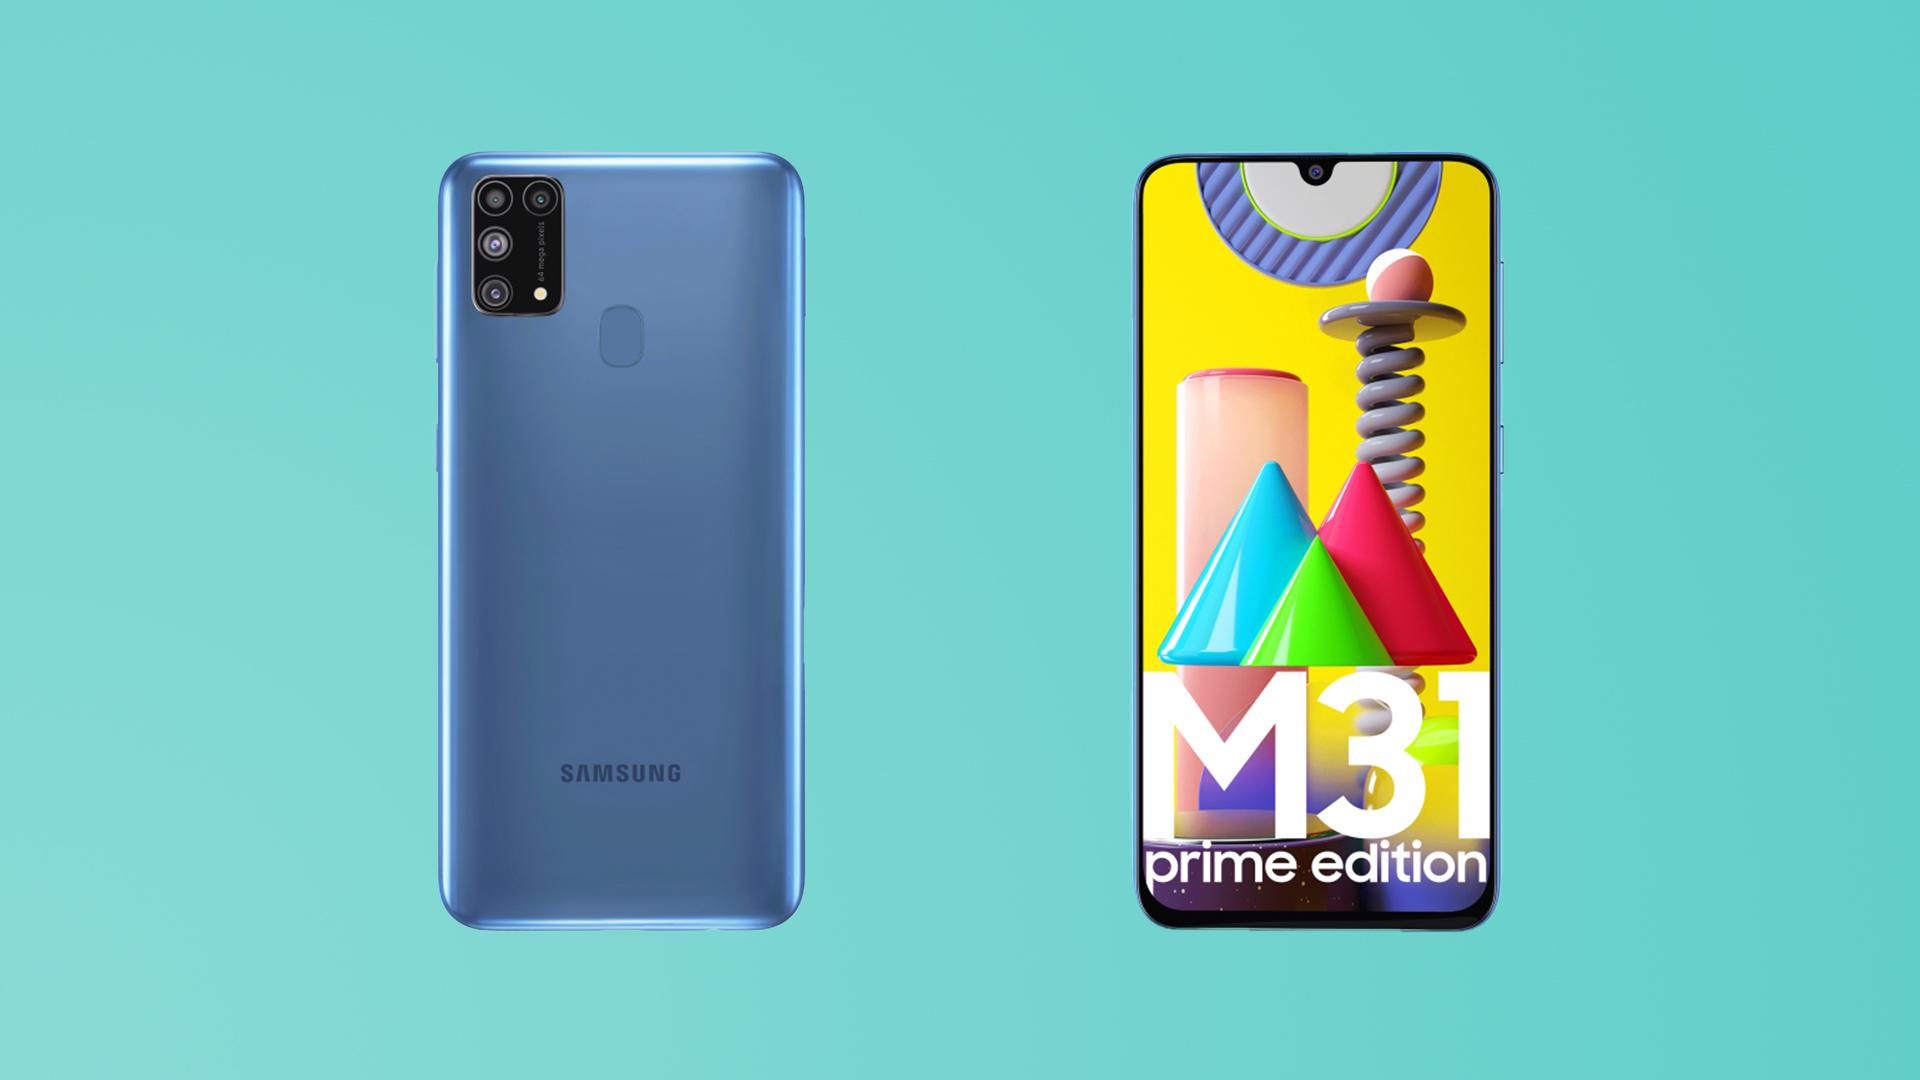 مزايا وعيوب هاتف Samsung Galaxy M31 Prime الجديد من سامسونج